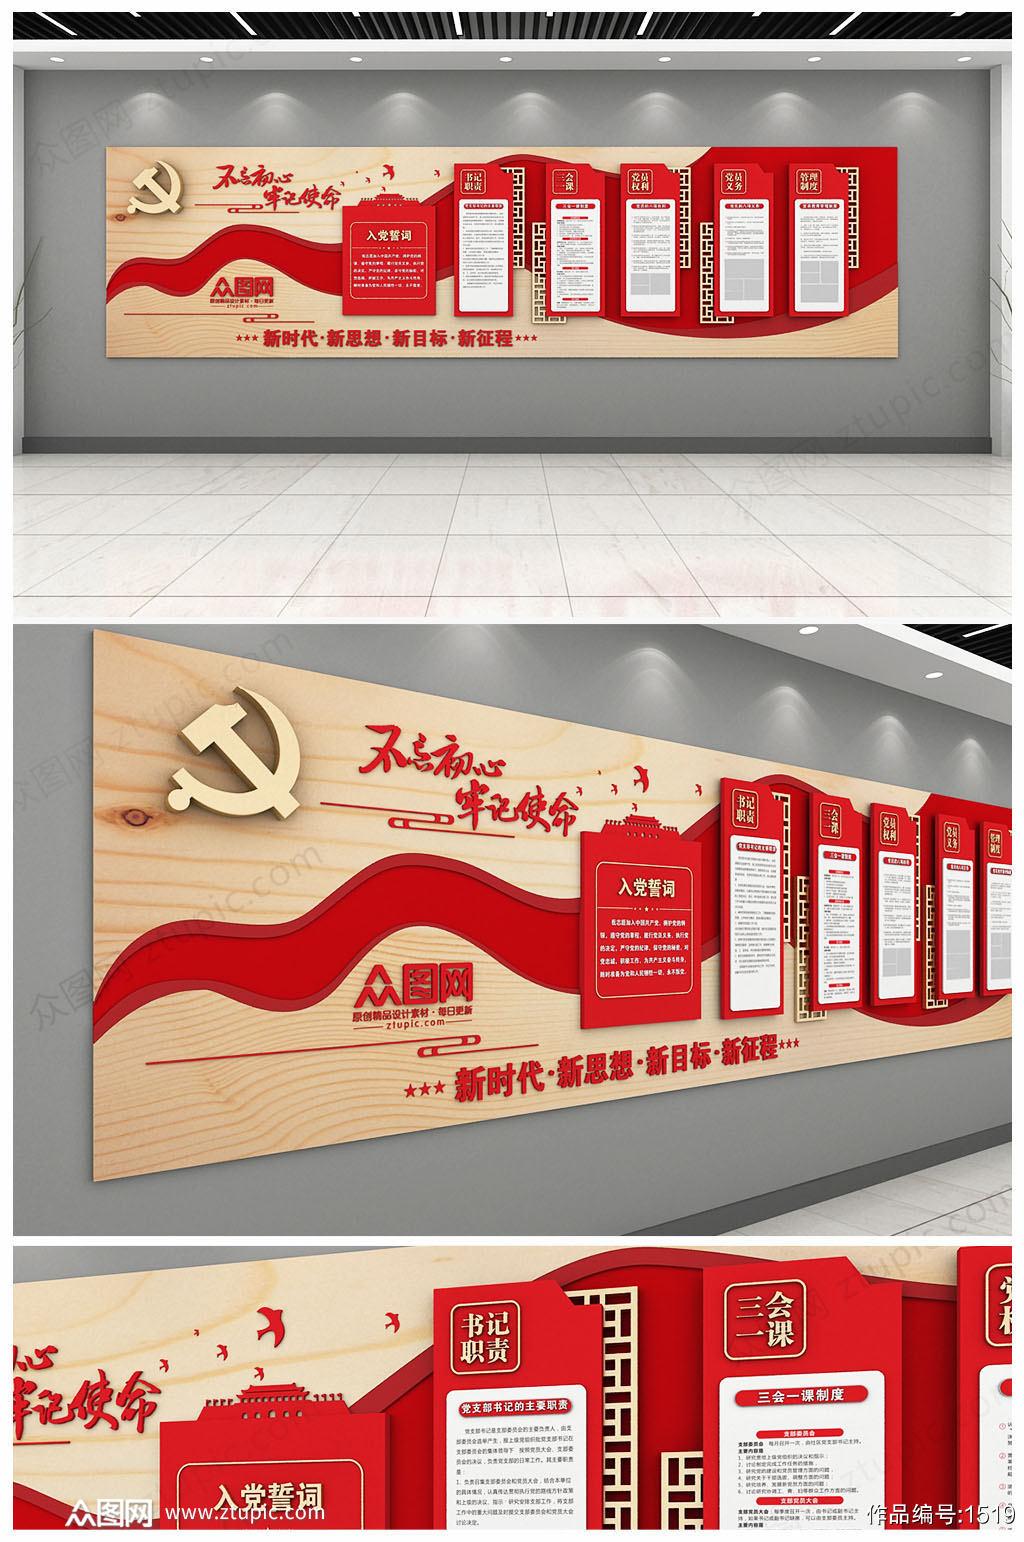 原创不忘初心制度党建文化墙设计图素材